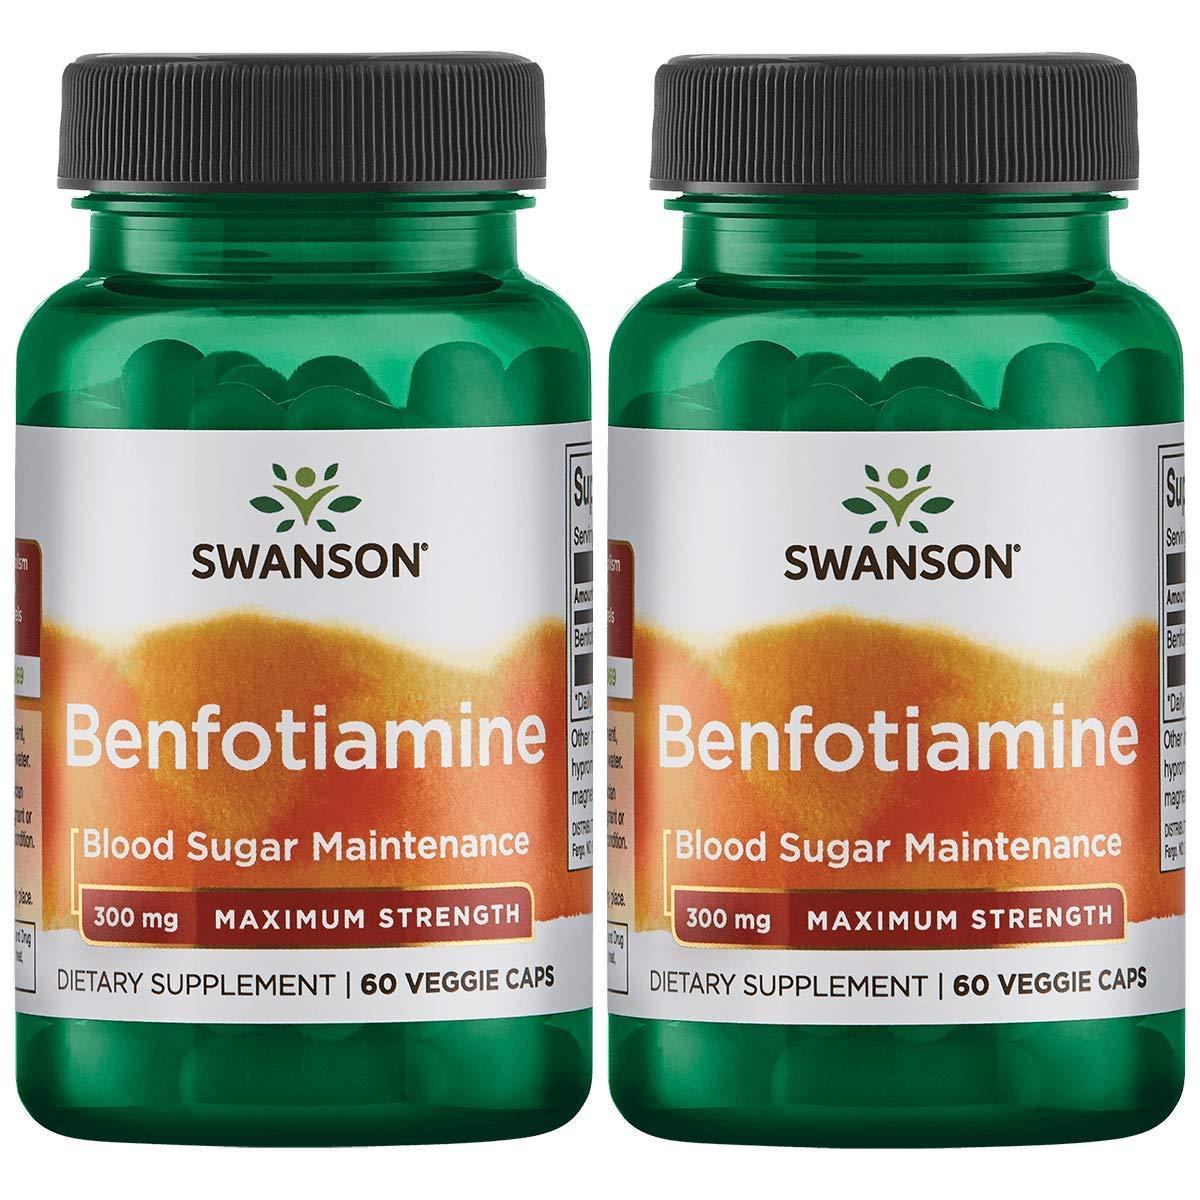 Swanson Benfotiamine - Maximum Strength 300 mg 60 Veg Caps 2 Pack by Swanson